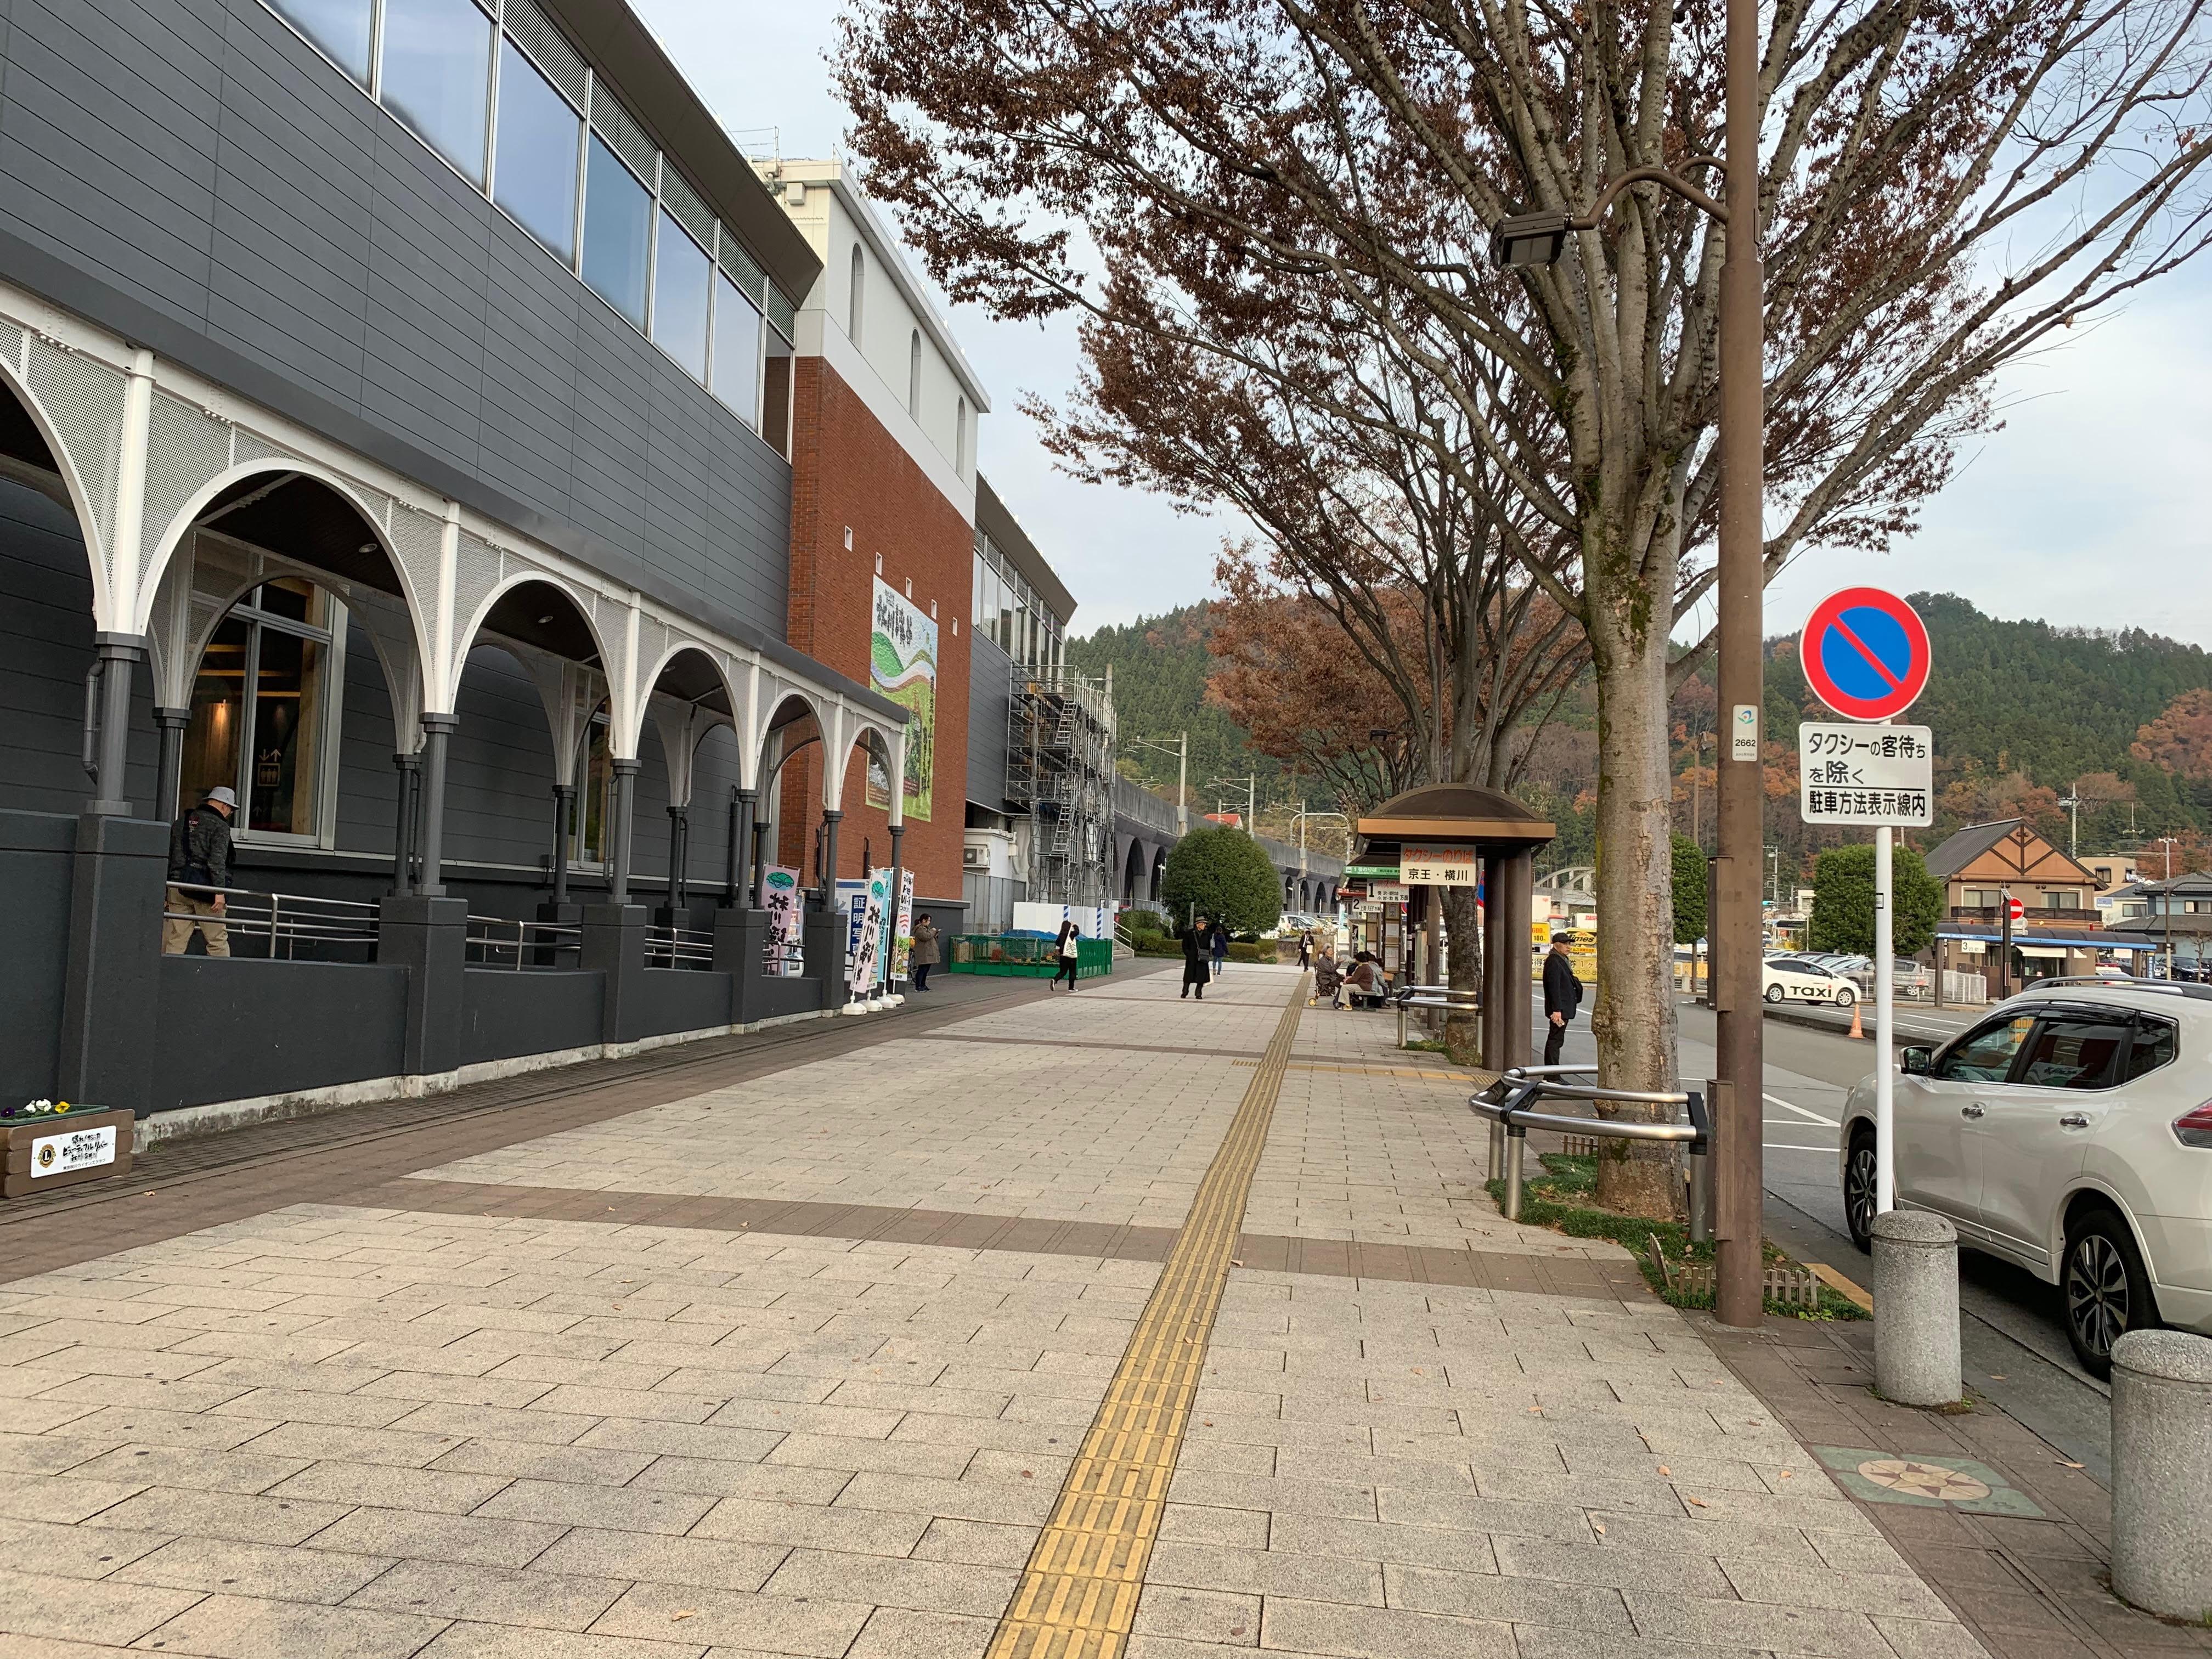 武蔵五日市駅タクシー乗り場